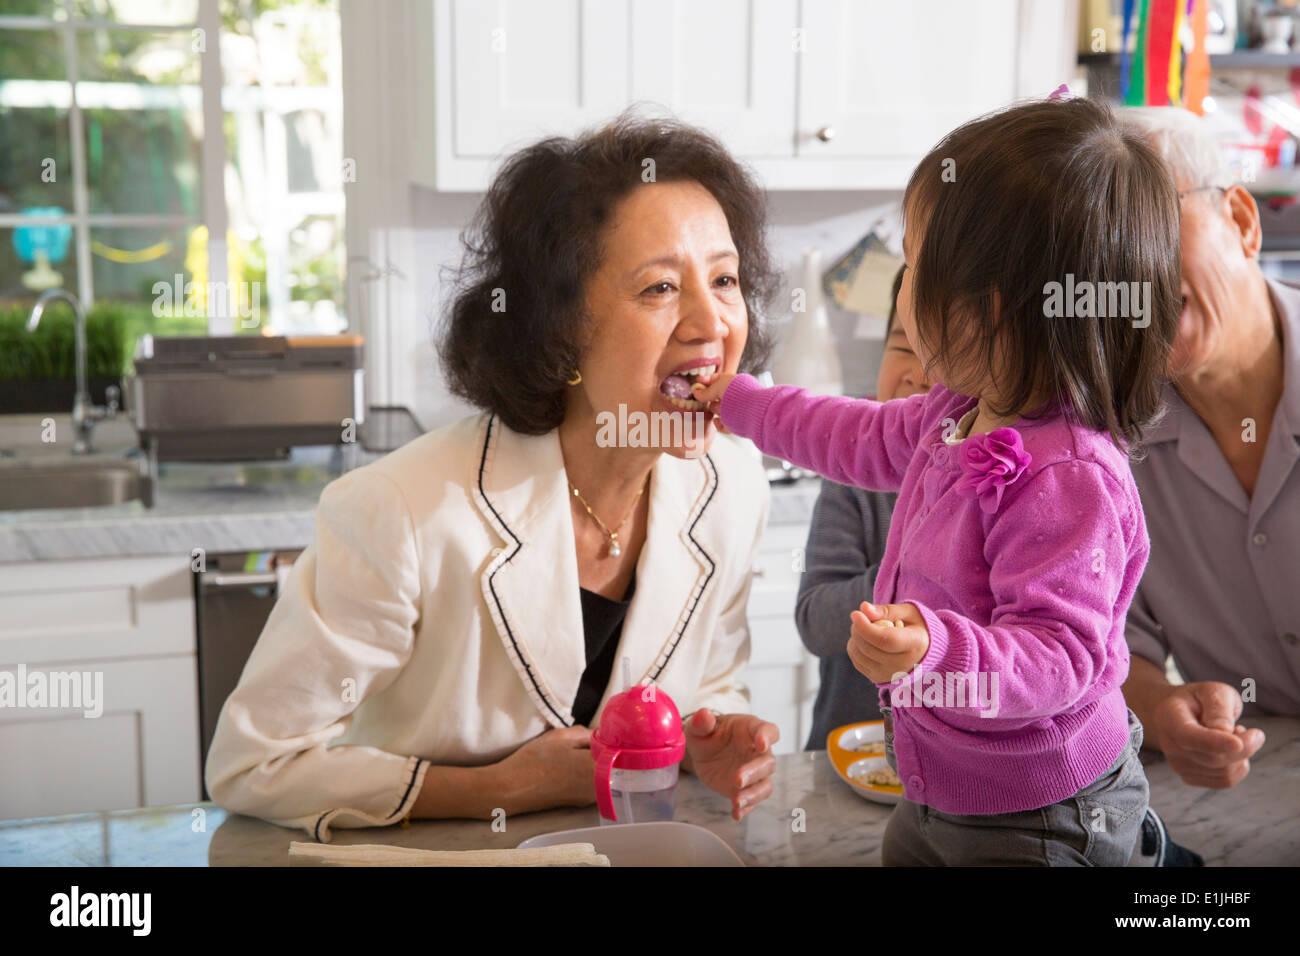 Weiblichen Kleinkind füttern Snack, Grossmutter in der Küche Stockbild